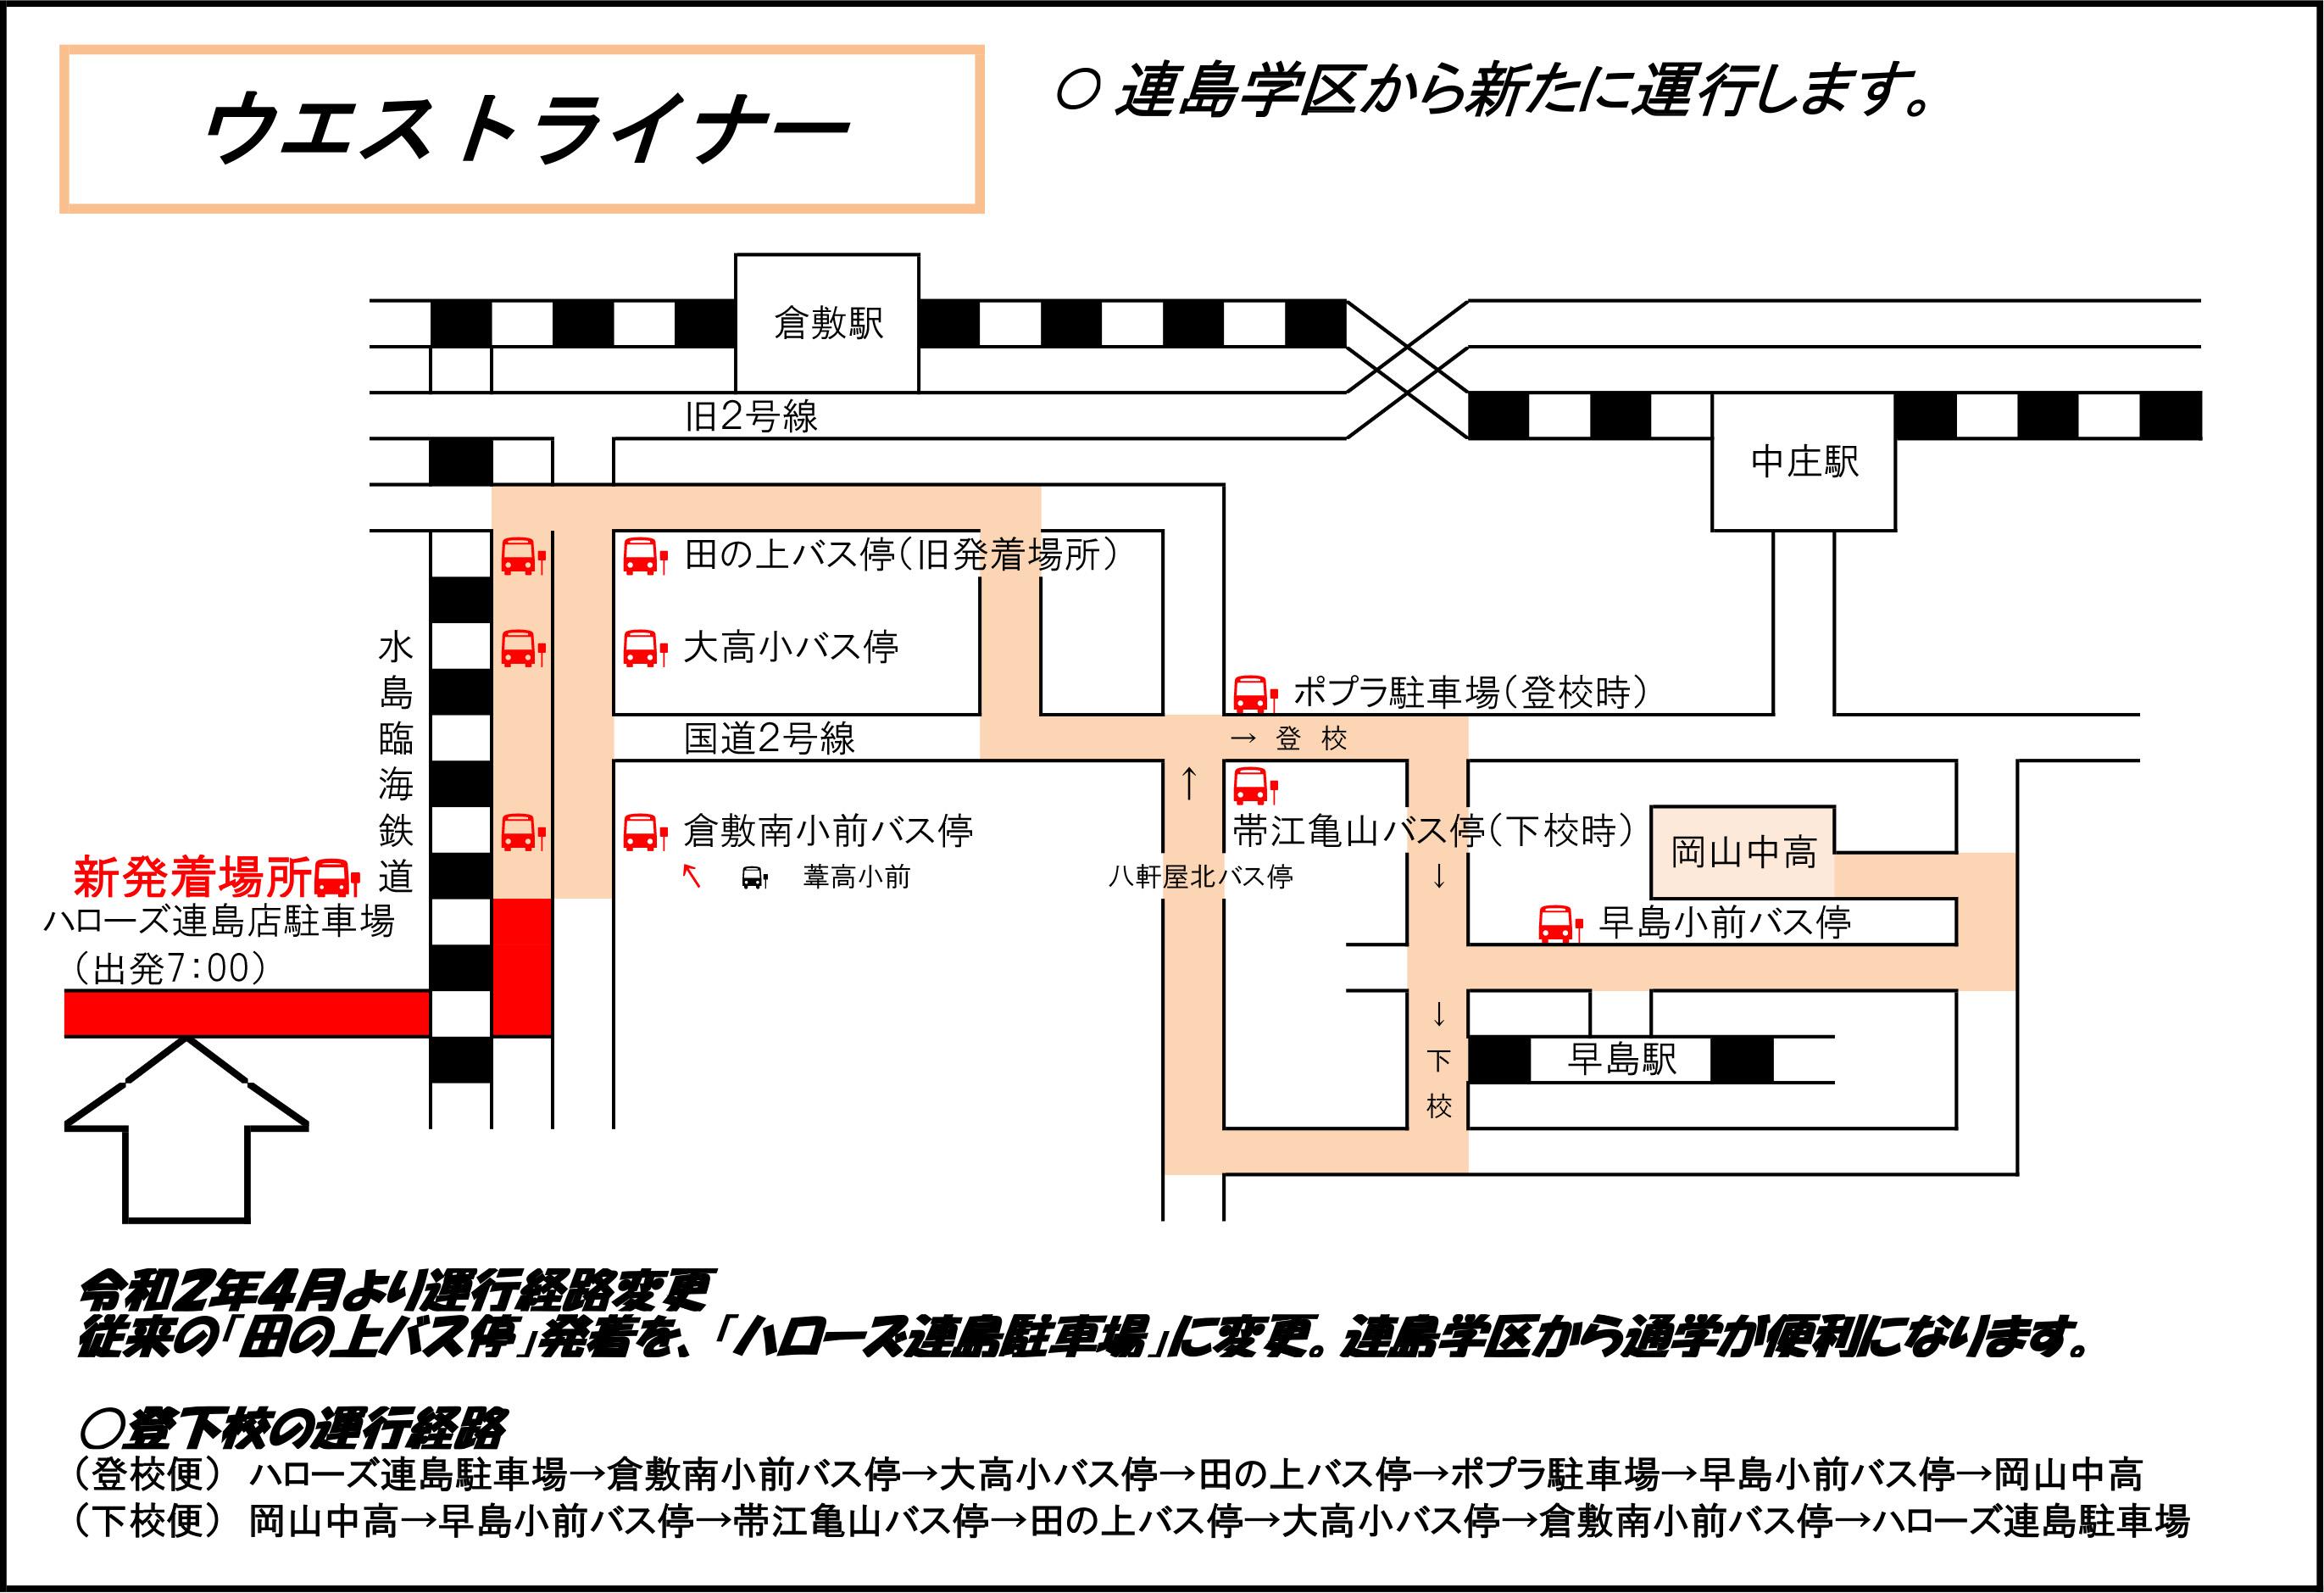 倉敷コース路線図